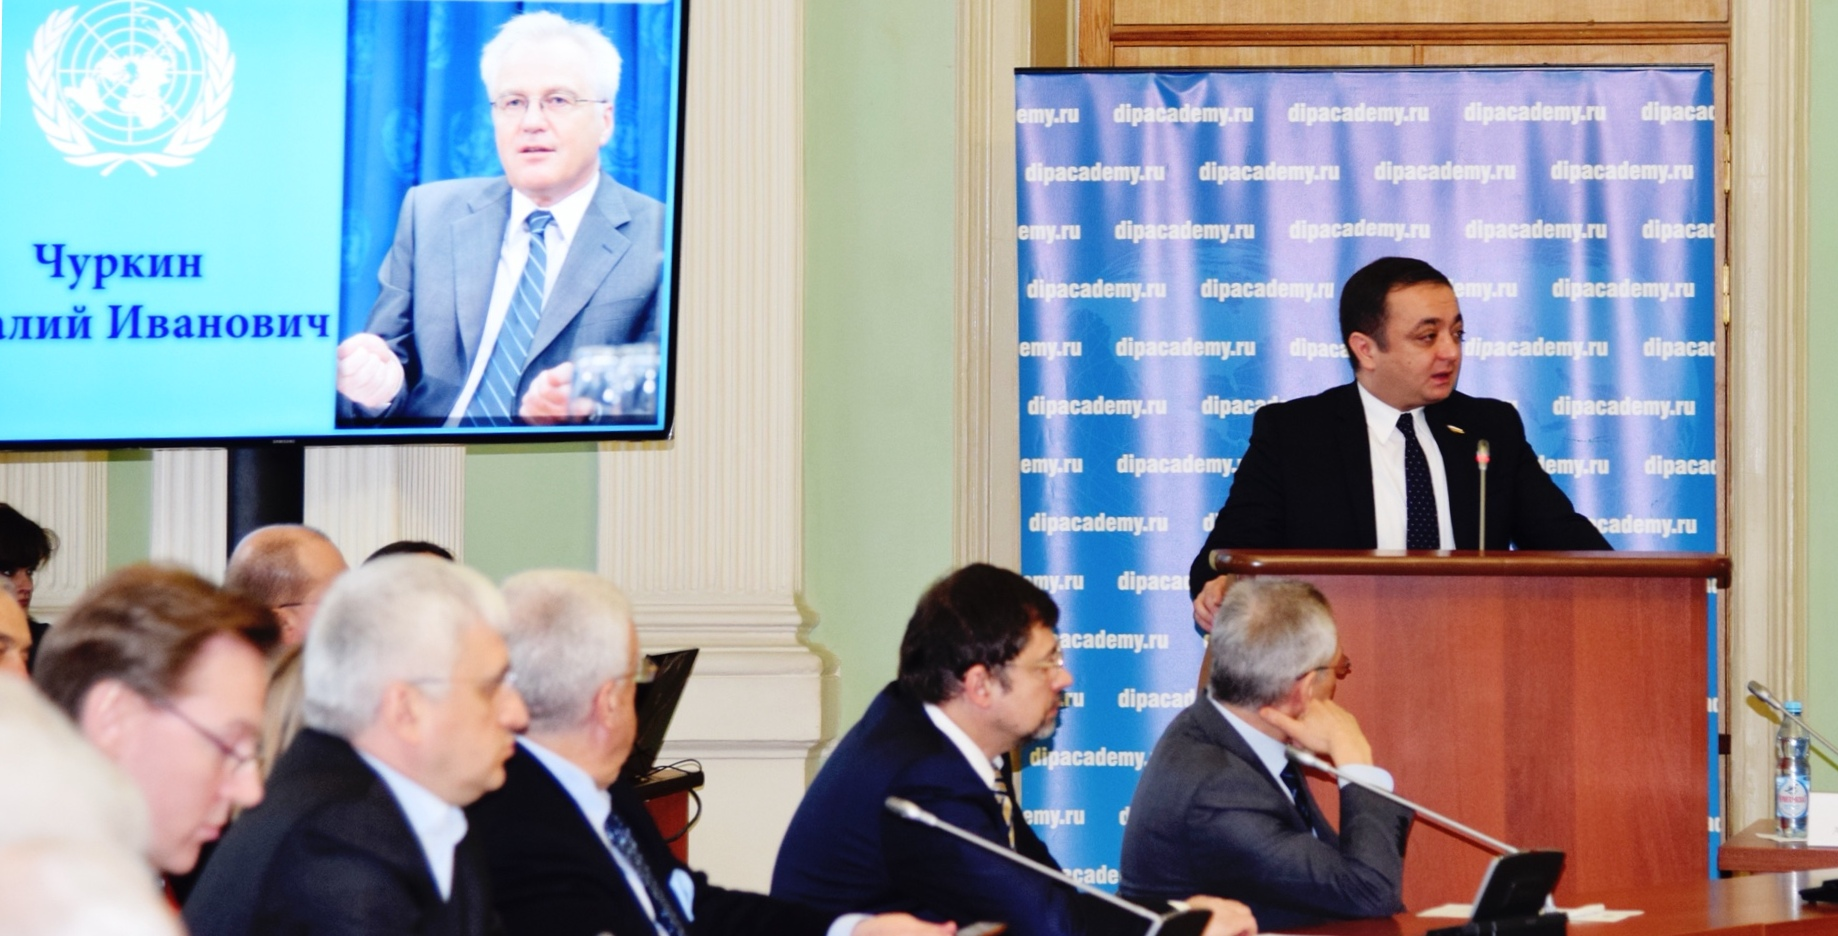 Памяти Валерия Чуркина в Москве состоялась конференция